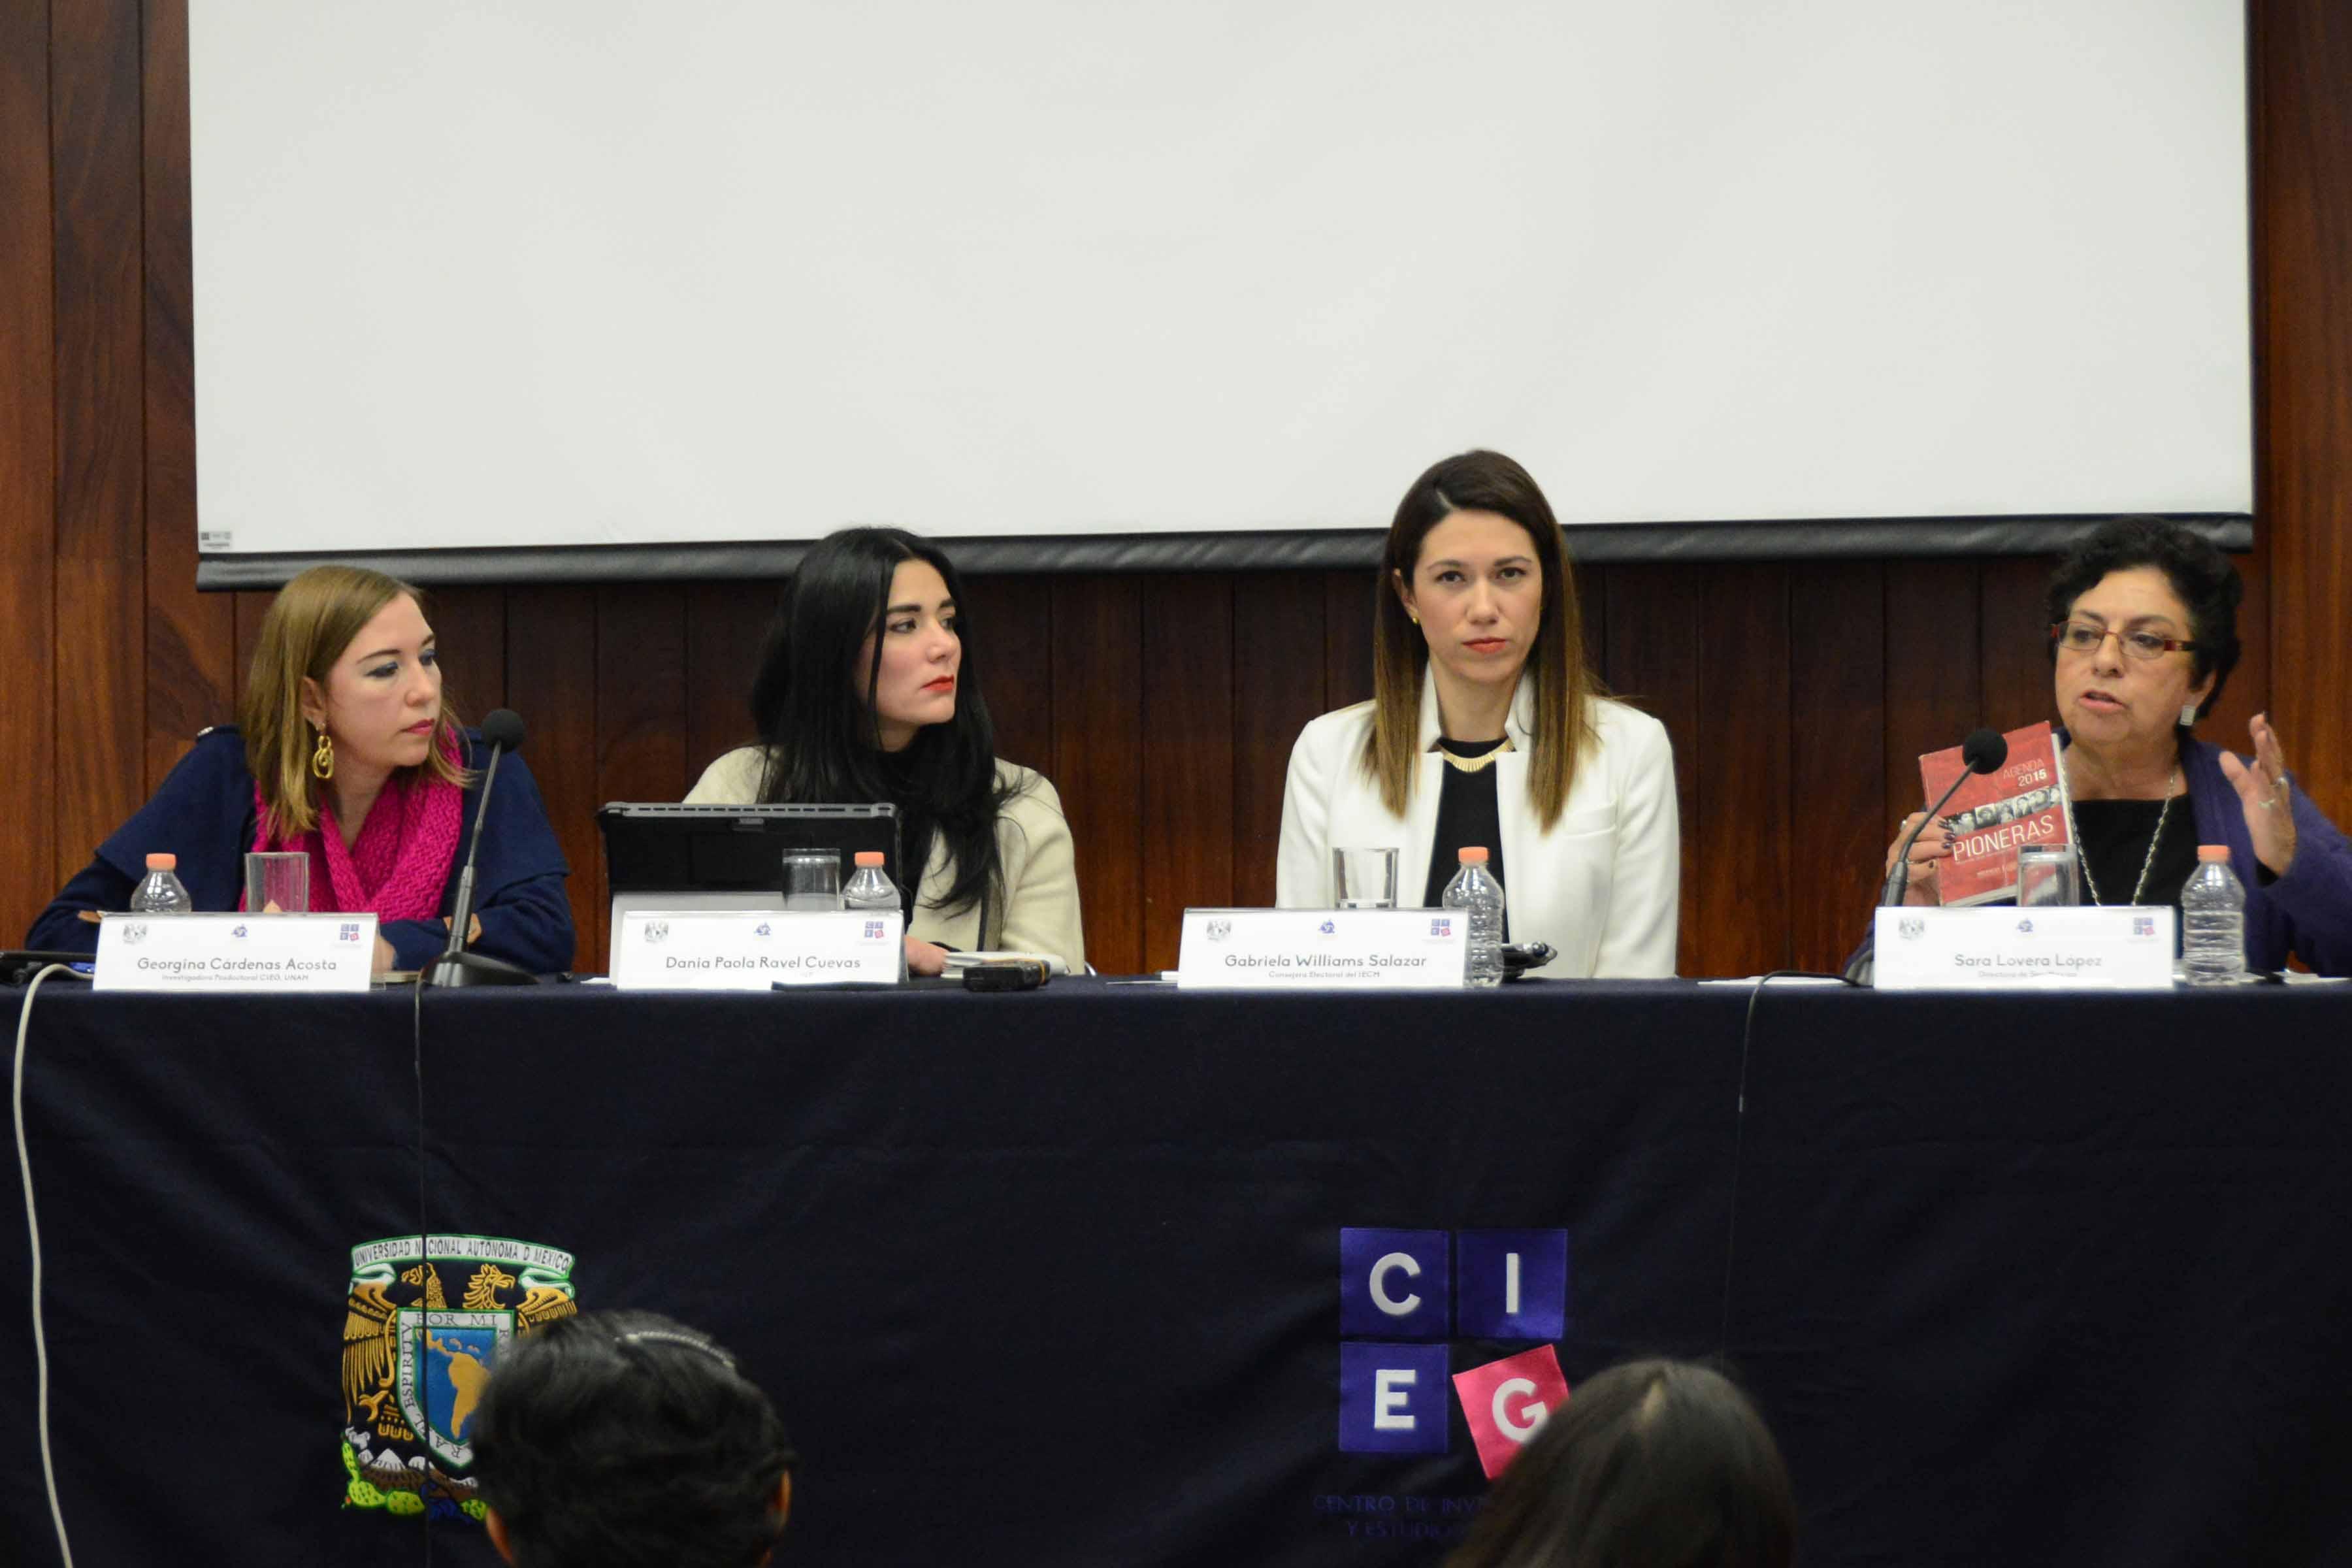 Necesario seguir trabajando para erradicar la violencia política en contra de mujeres: Gabriela Williams Salazar